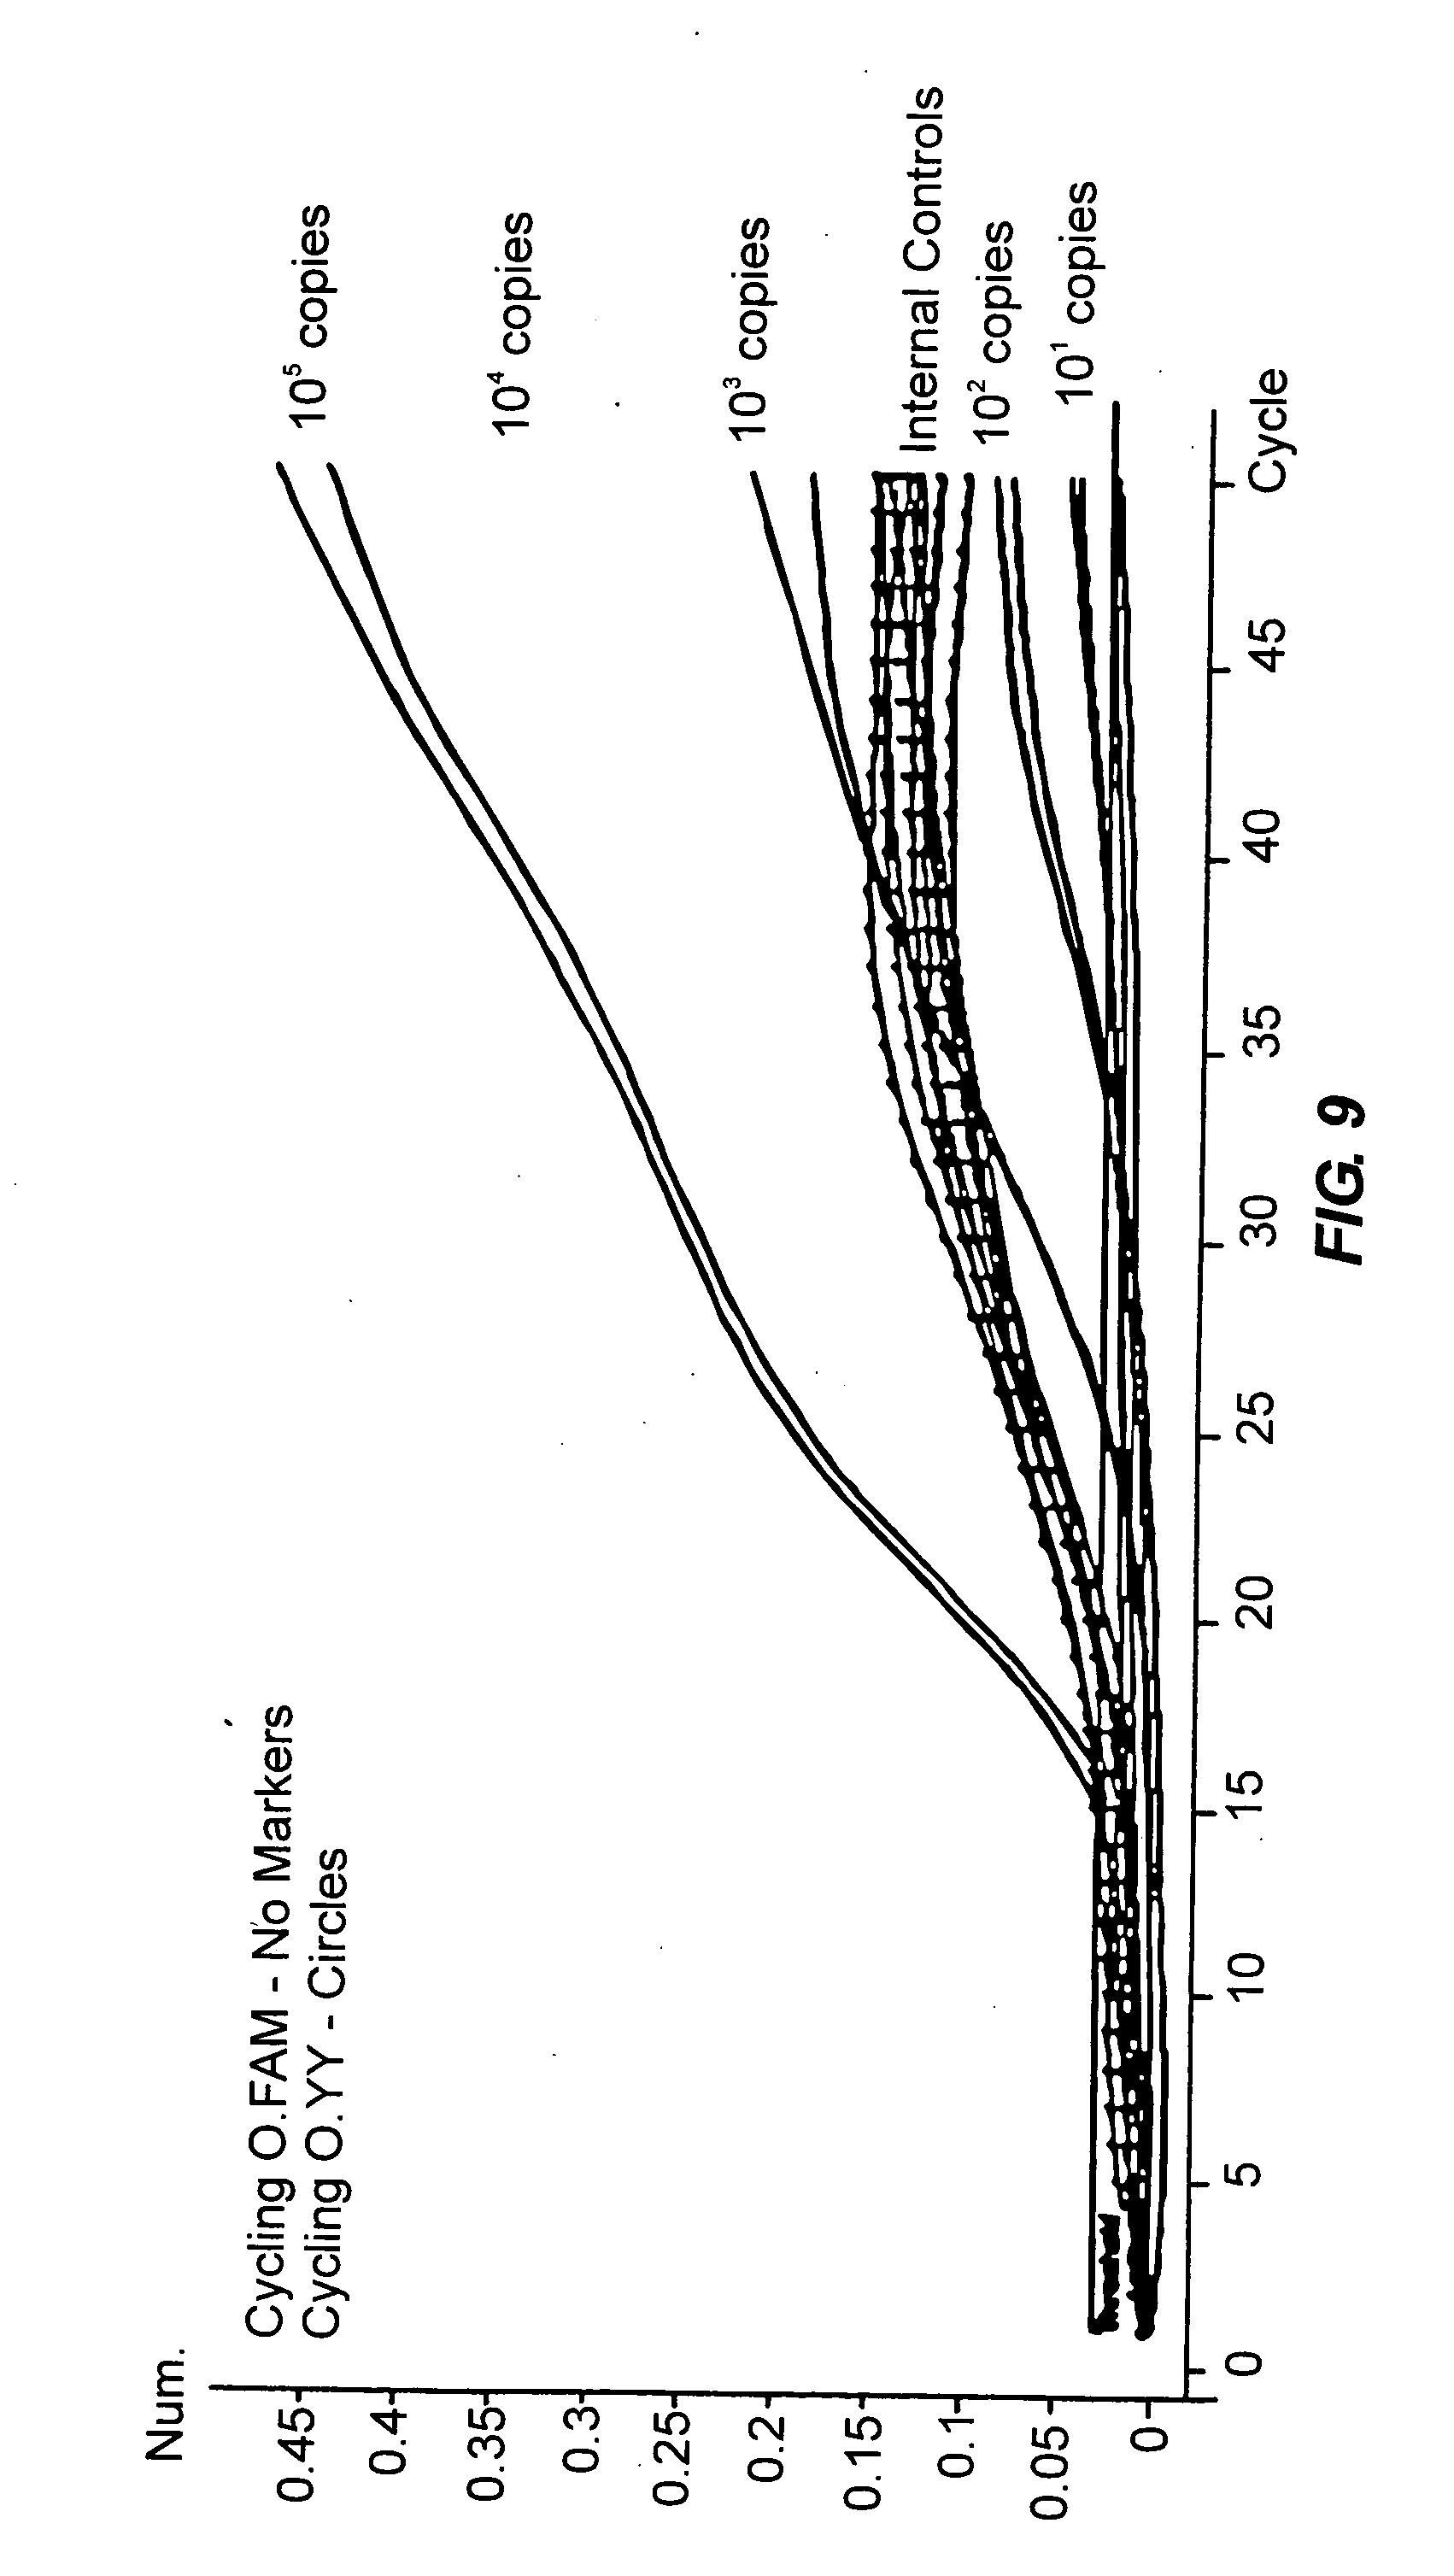 patent us20070003957